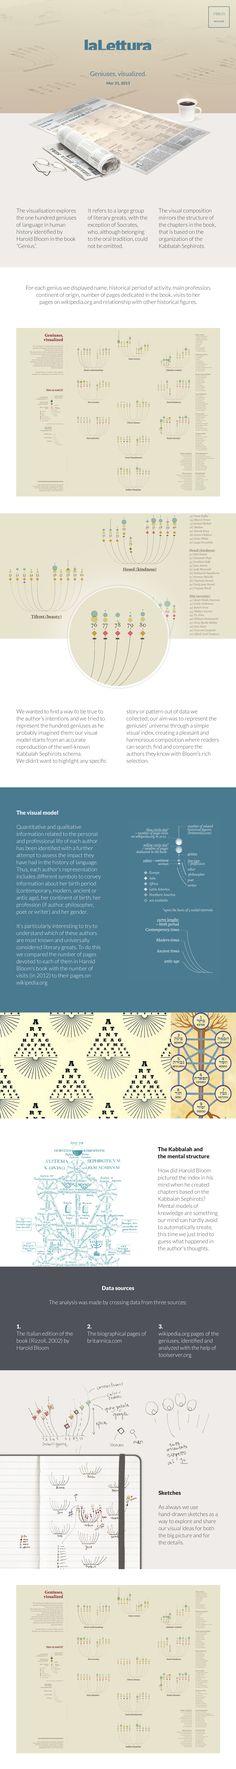 Geniuses, visualized. on Behance